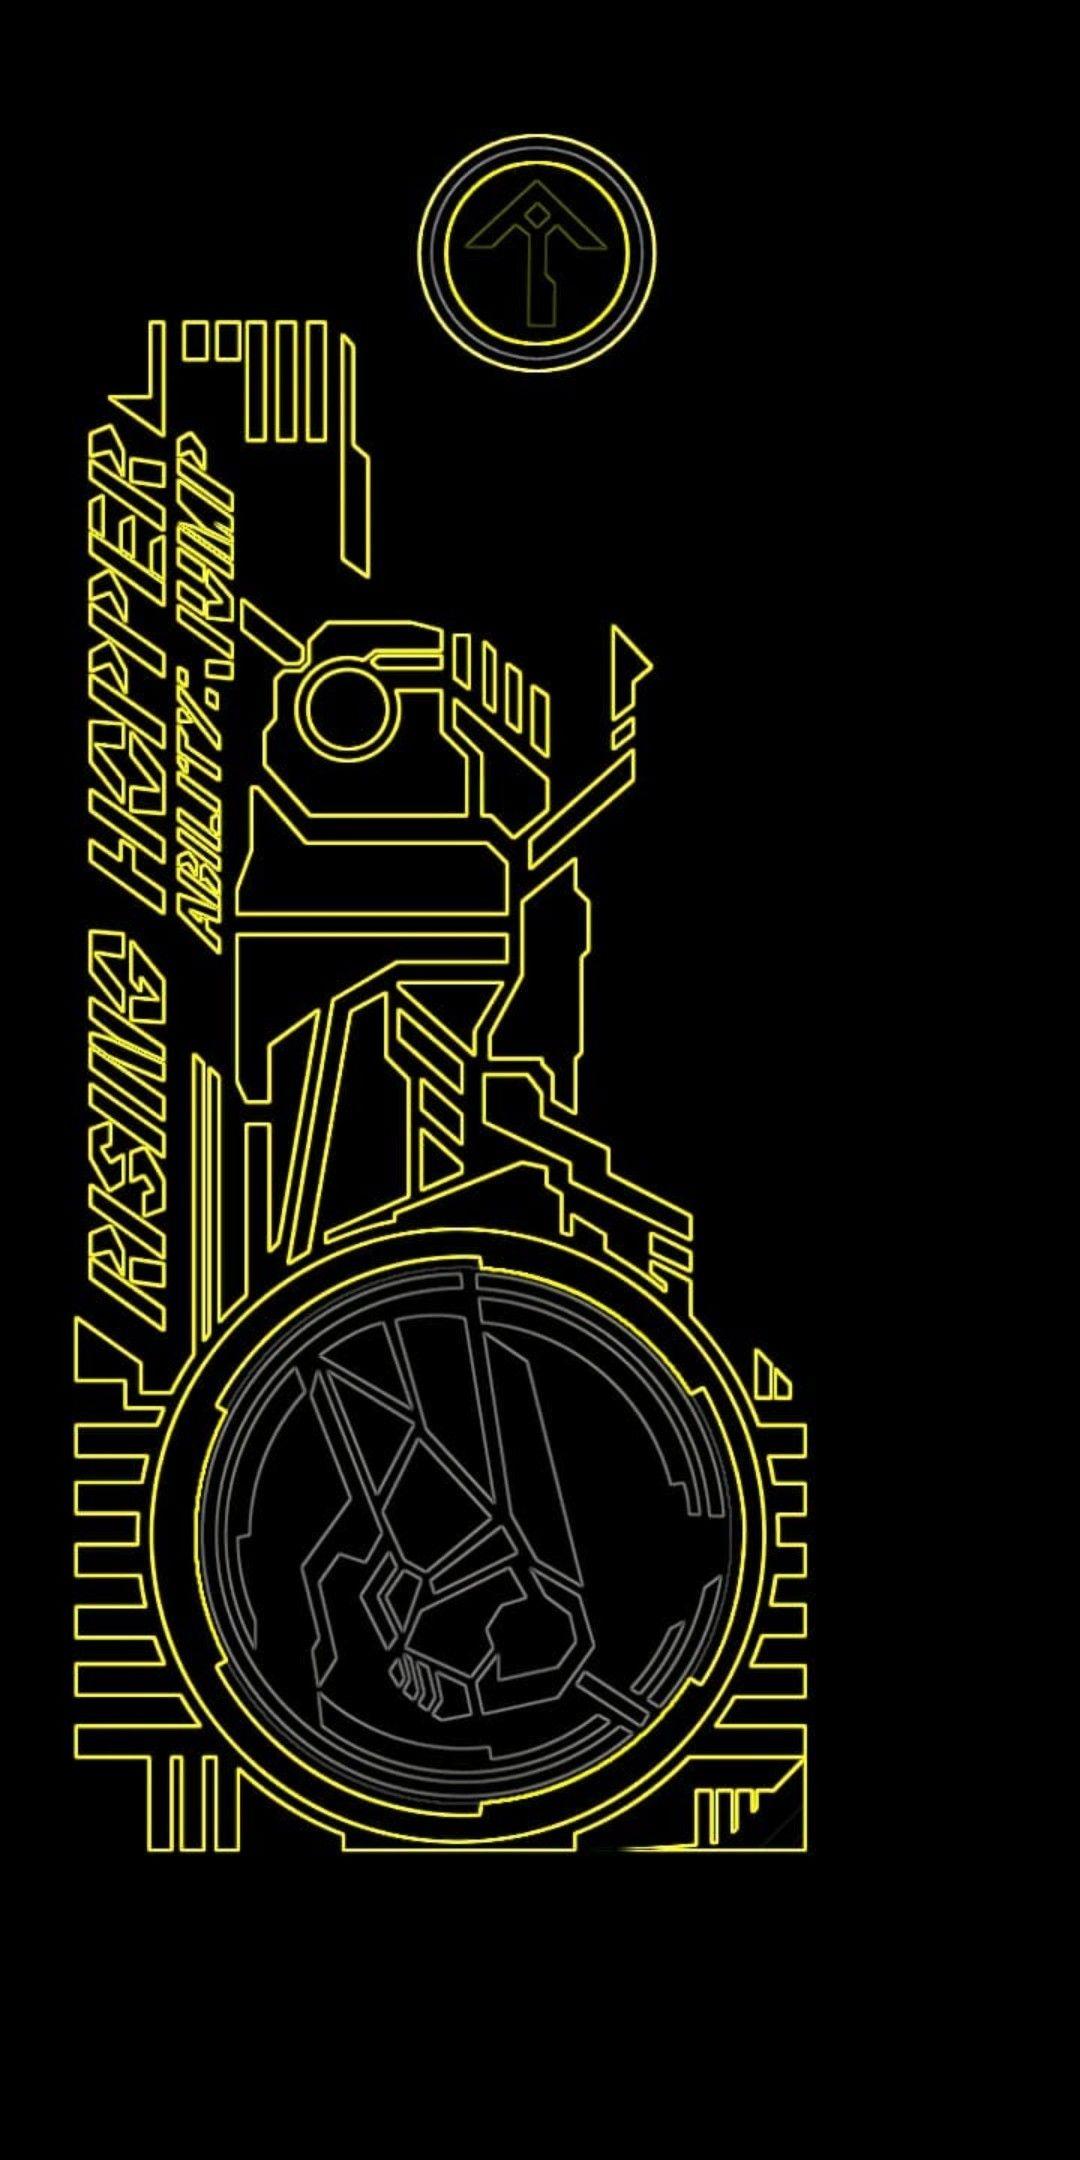 kamen rider おしゃれまとめの人気アイデア pinterest natanel capdevila 仮面ライダー イラスト ライダー iphone7 壁紙